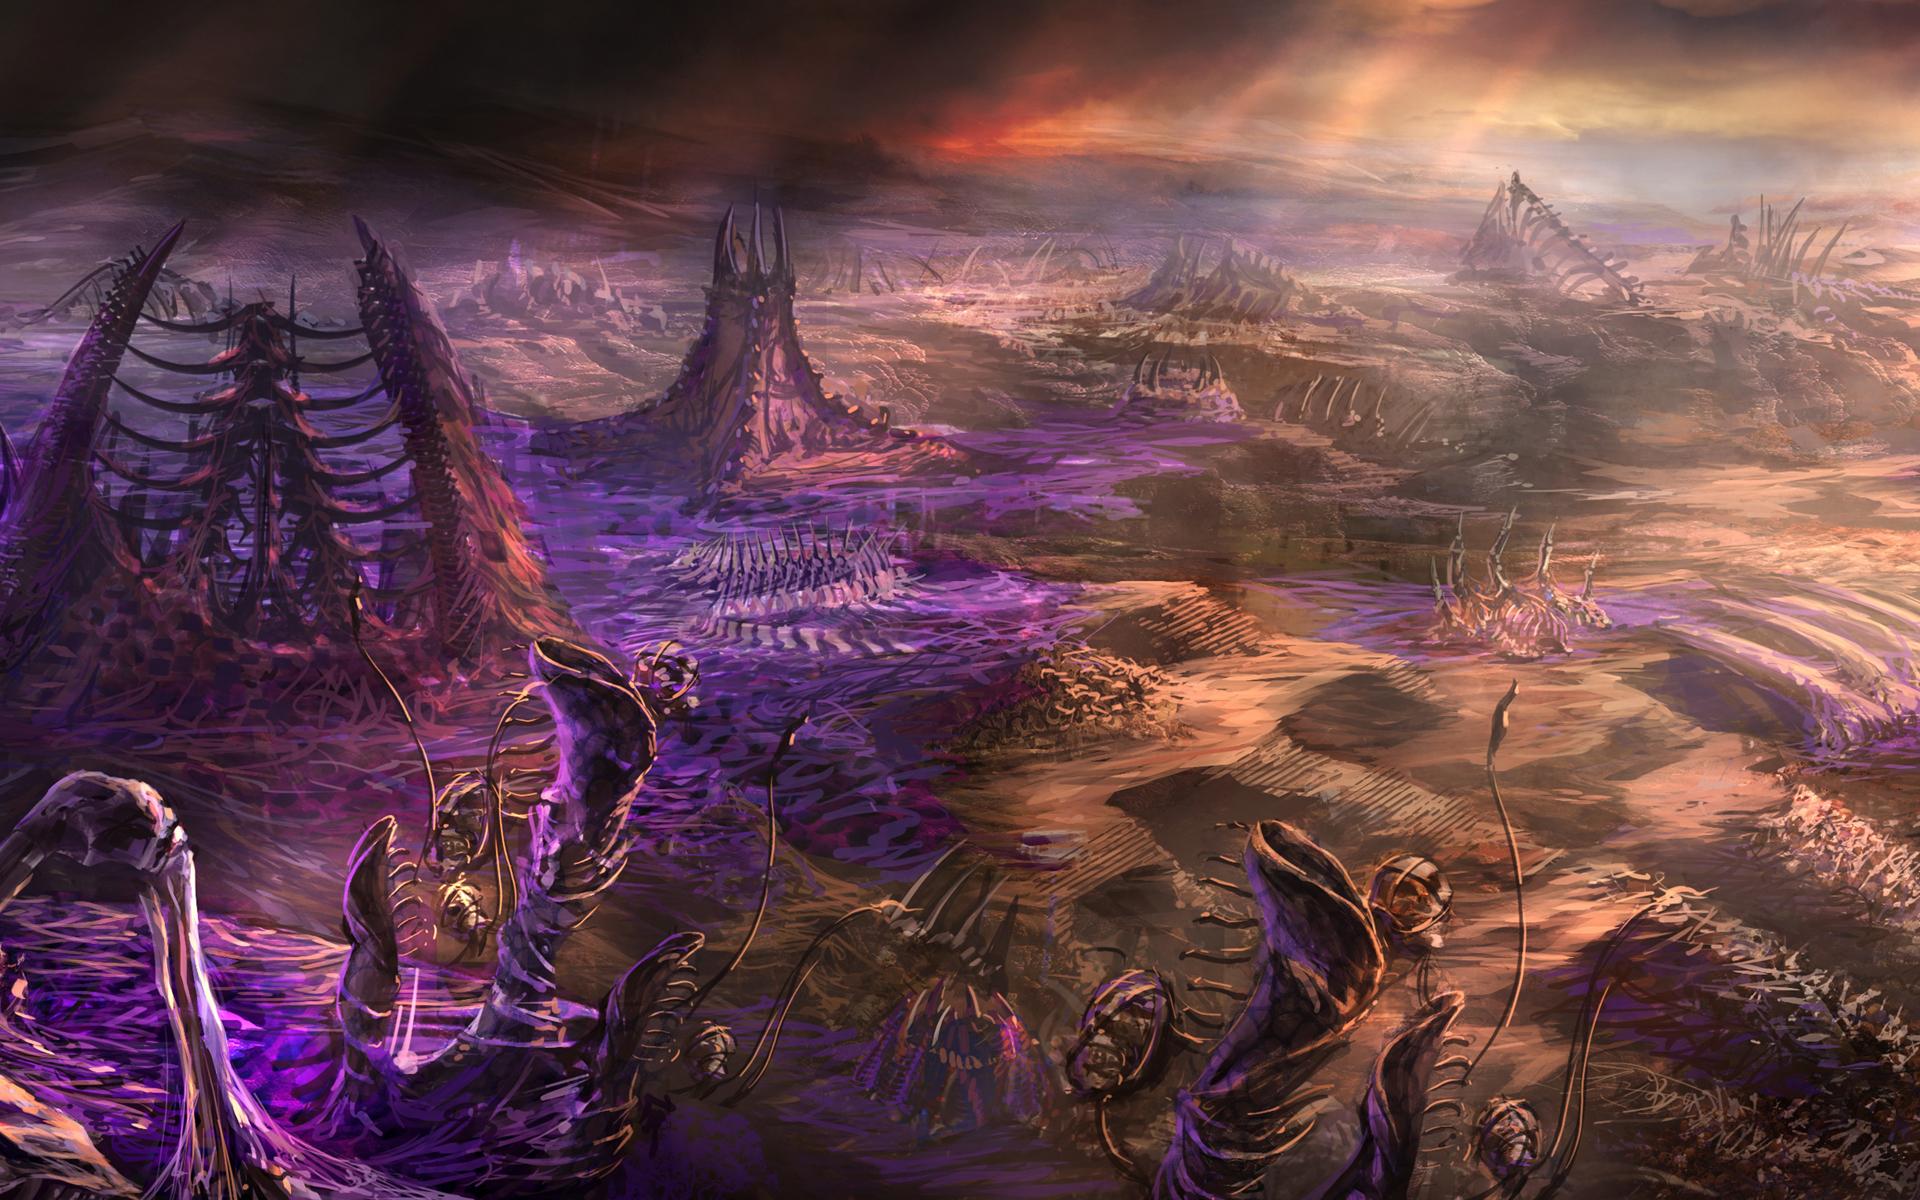 Картинка StarCraft 2 zerg living buildings skulls Фантастика Игры Фантастический мир Фэнтези компьютерная игра